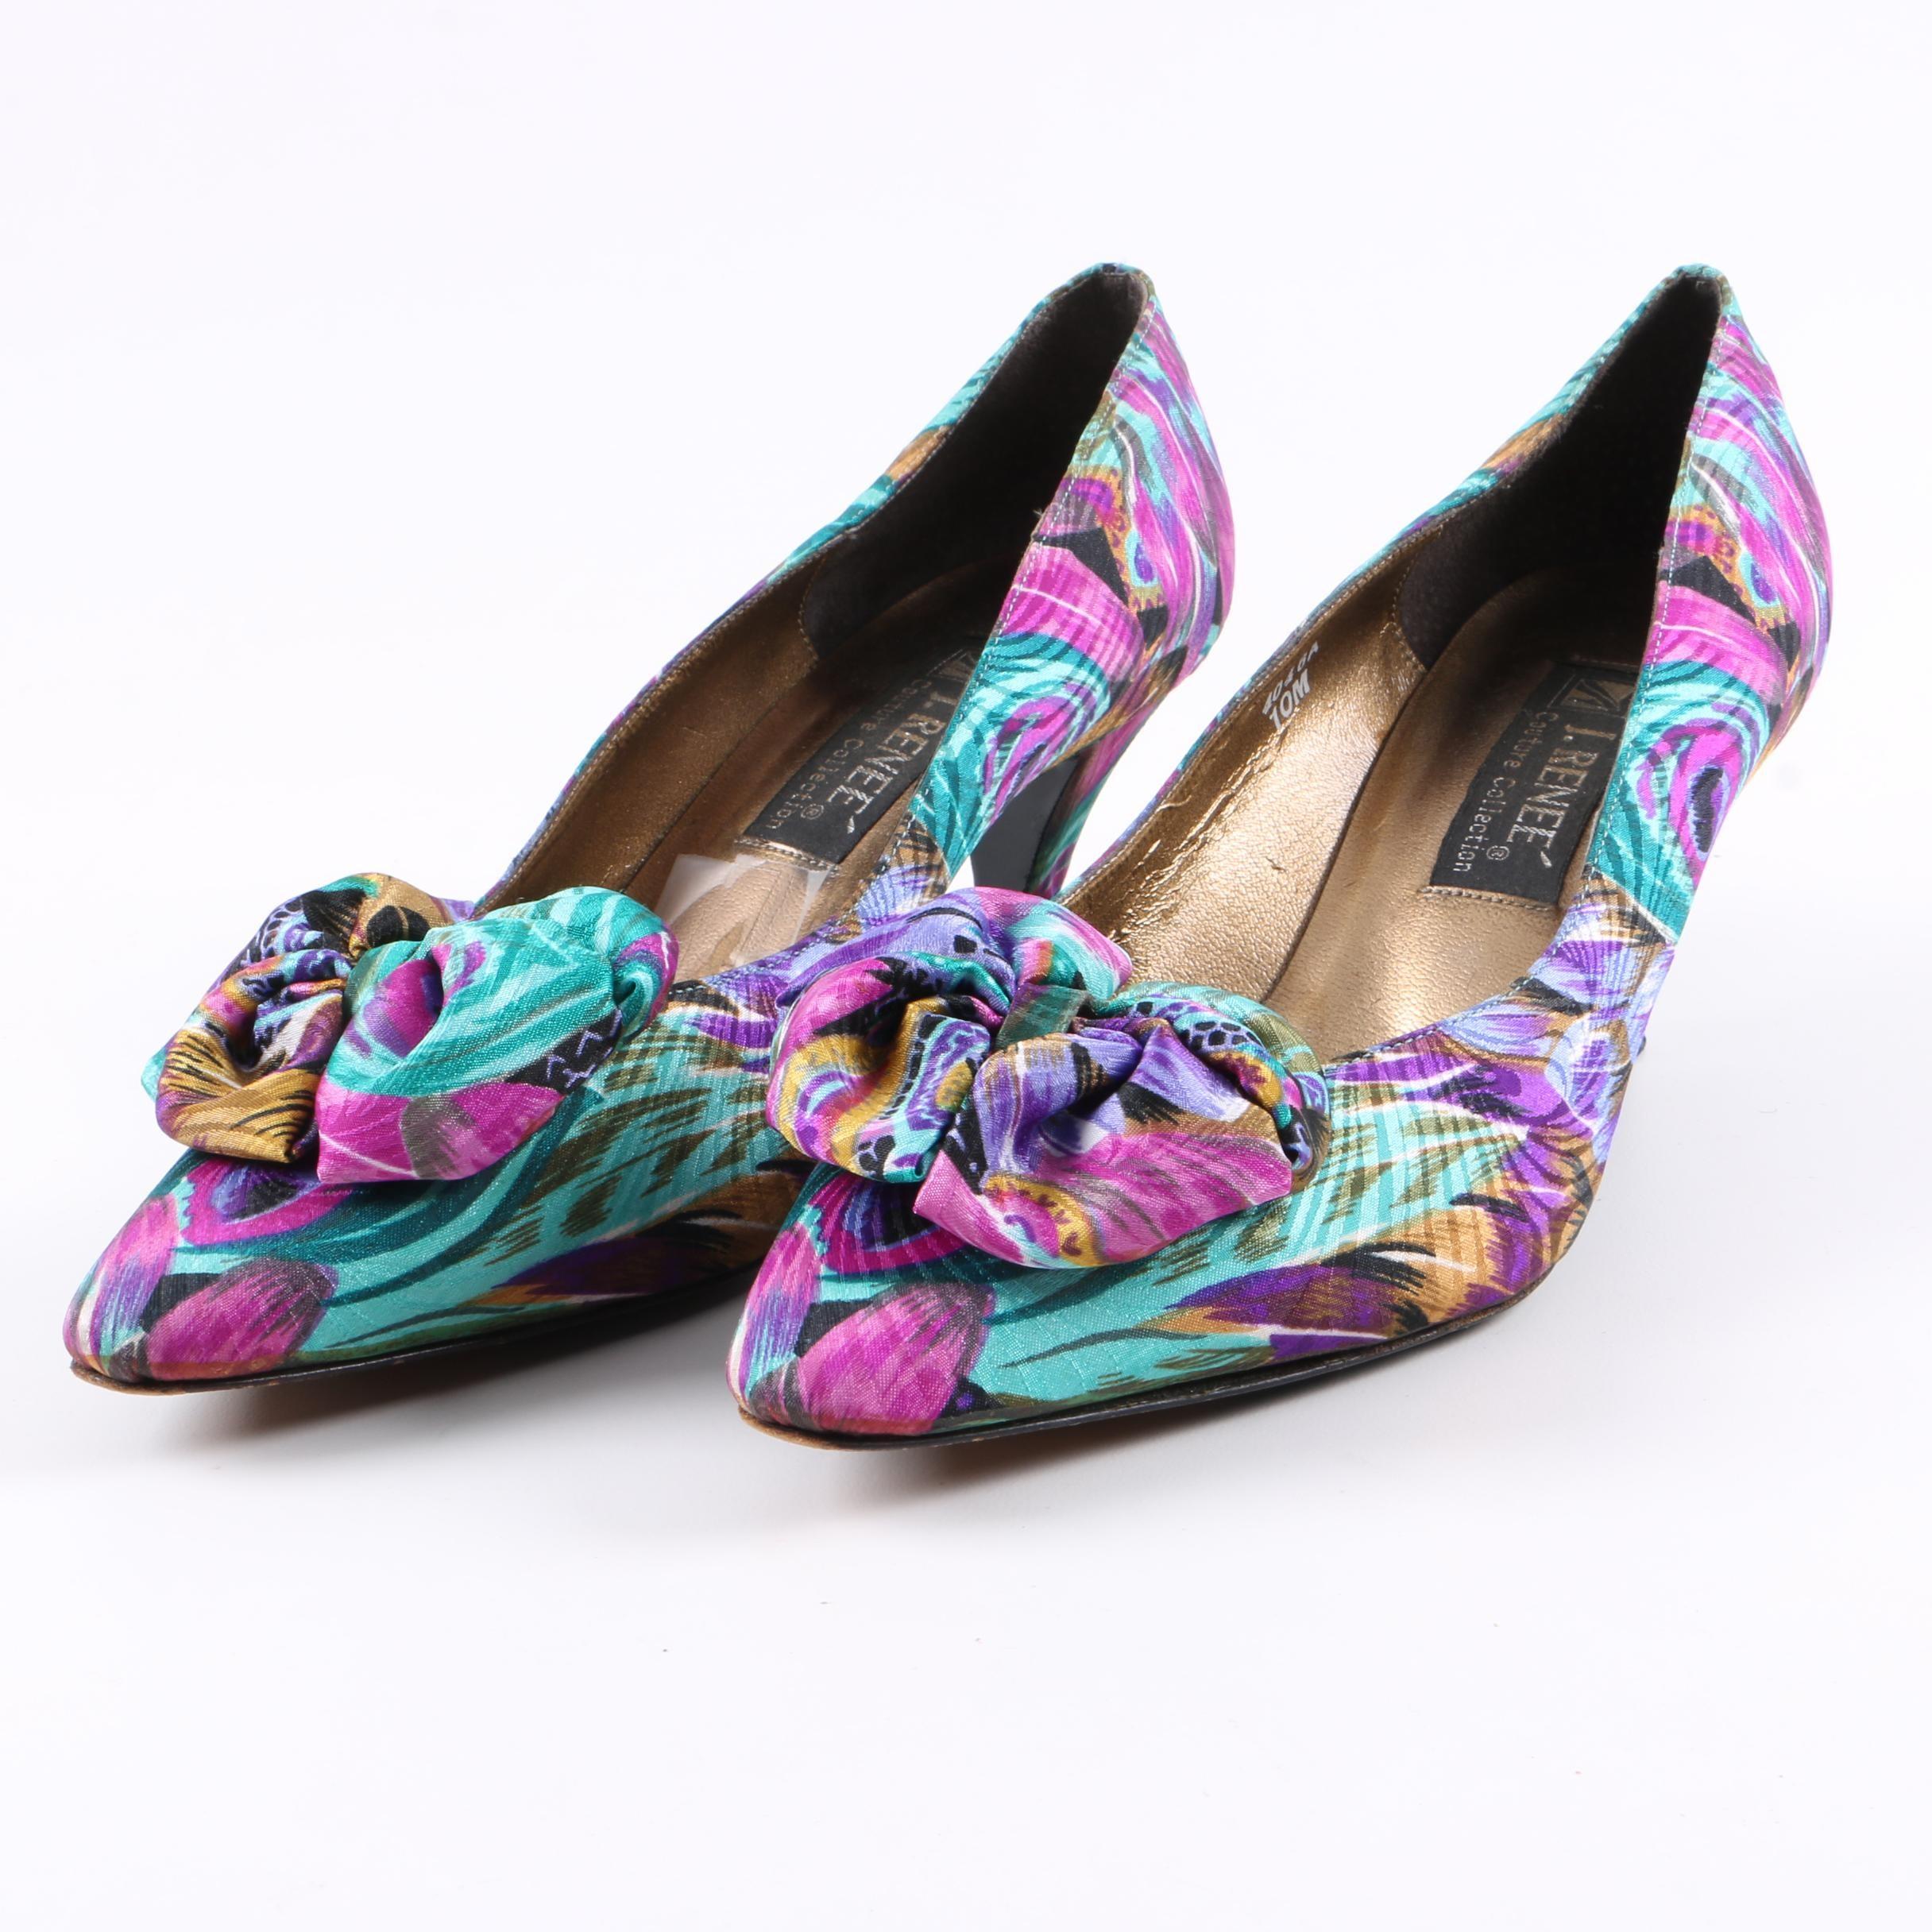 J. Renee Patterned Heels